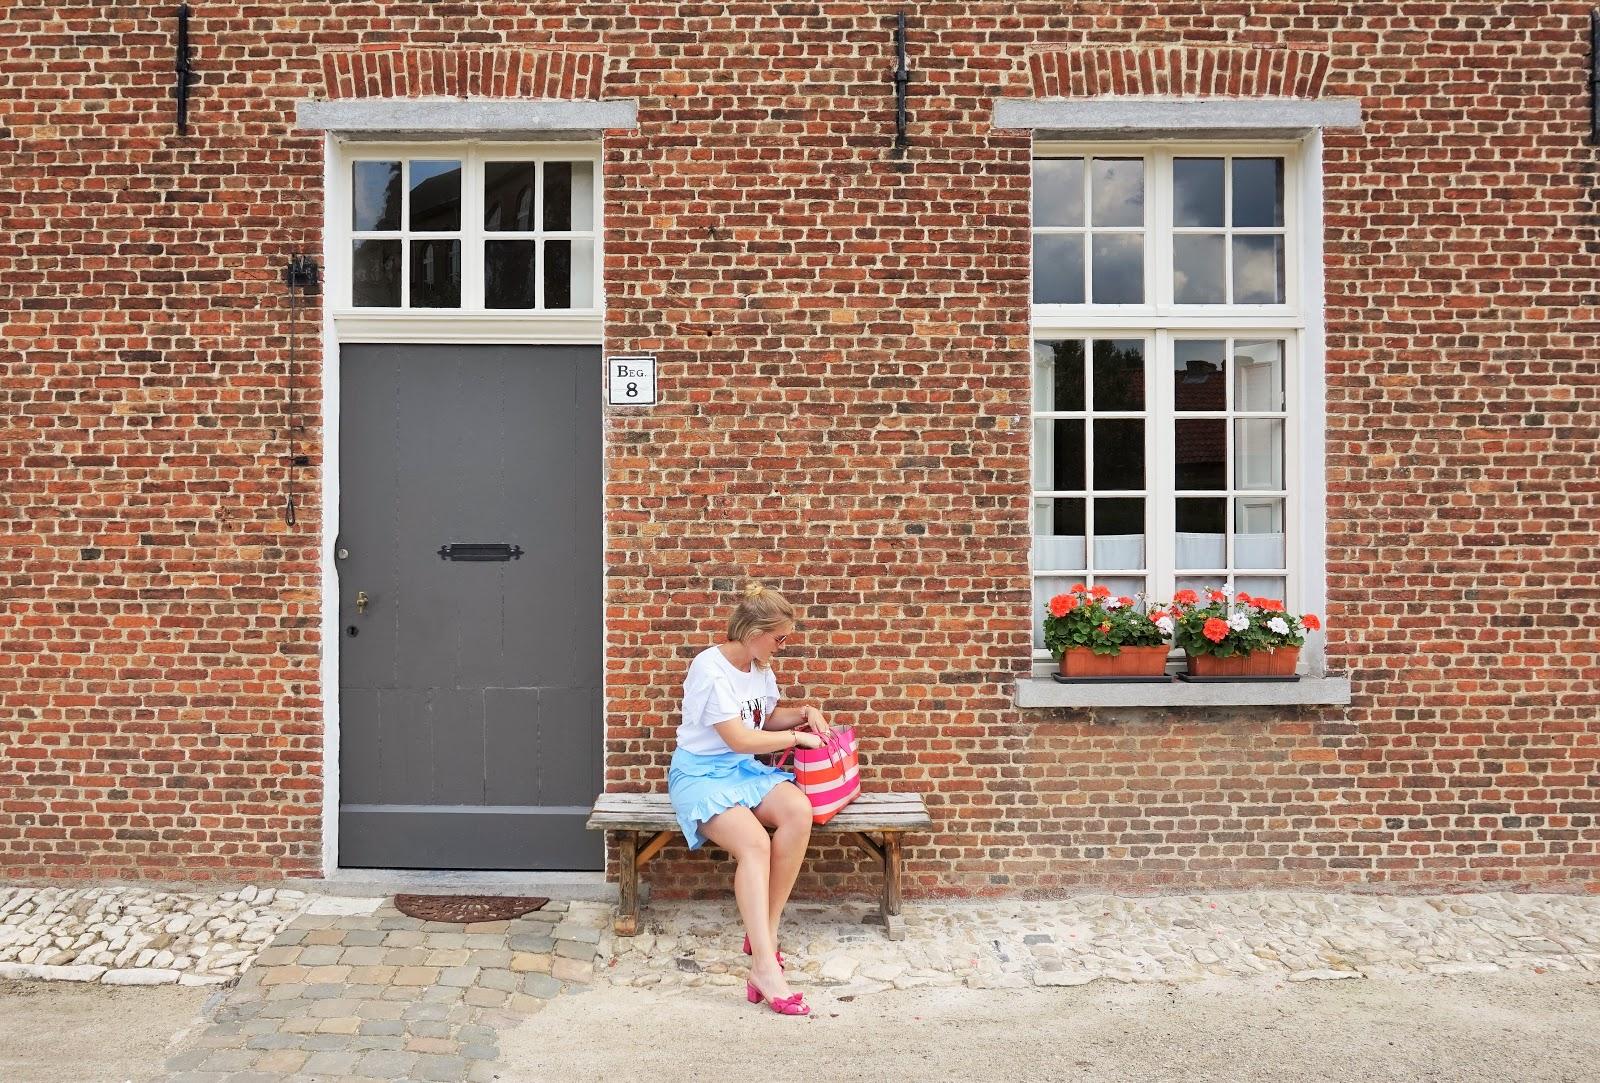 DSC09282 | Eline Van Dingenen